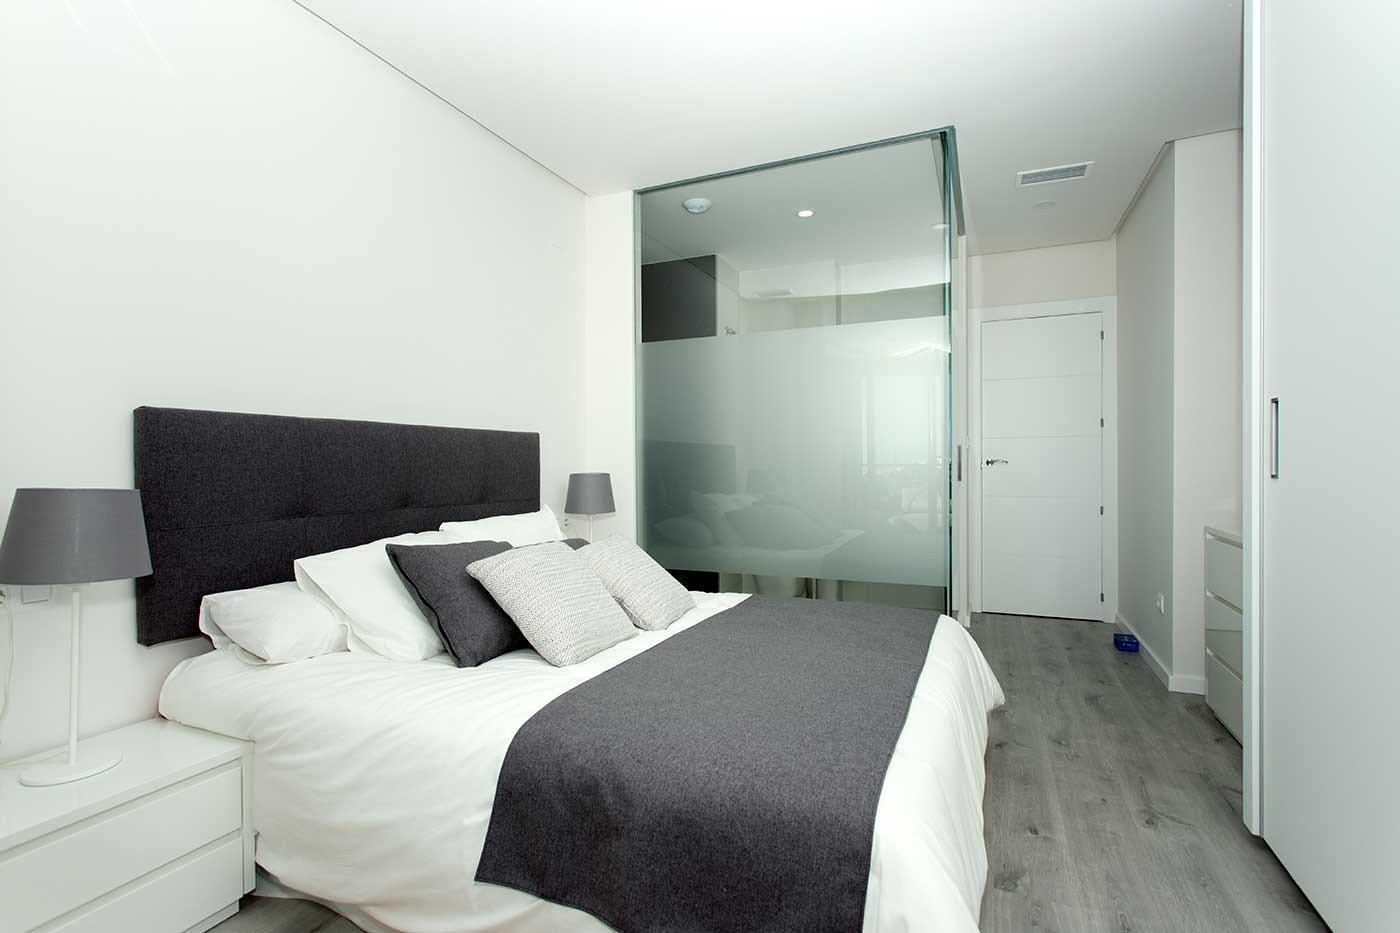 Complejo de estilo moderno con apartamentos de 2,3 dormitorios y 2 baños con amplias terra - imagenInmueble6